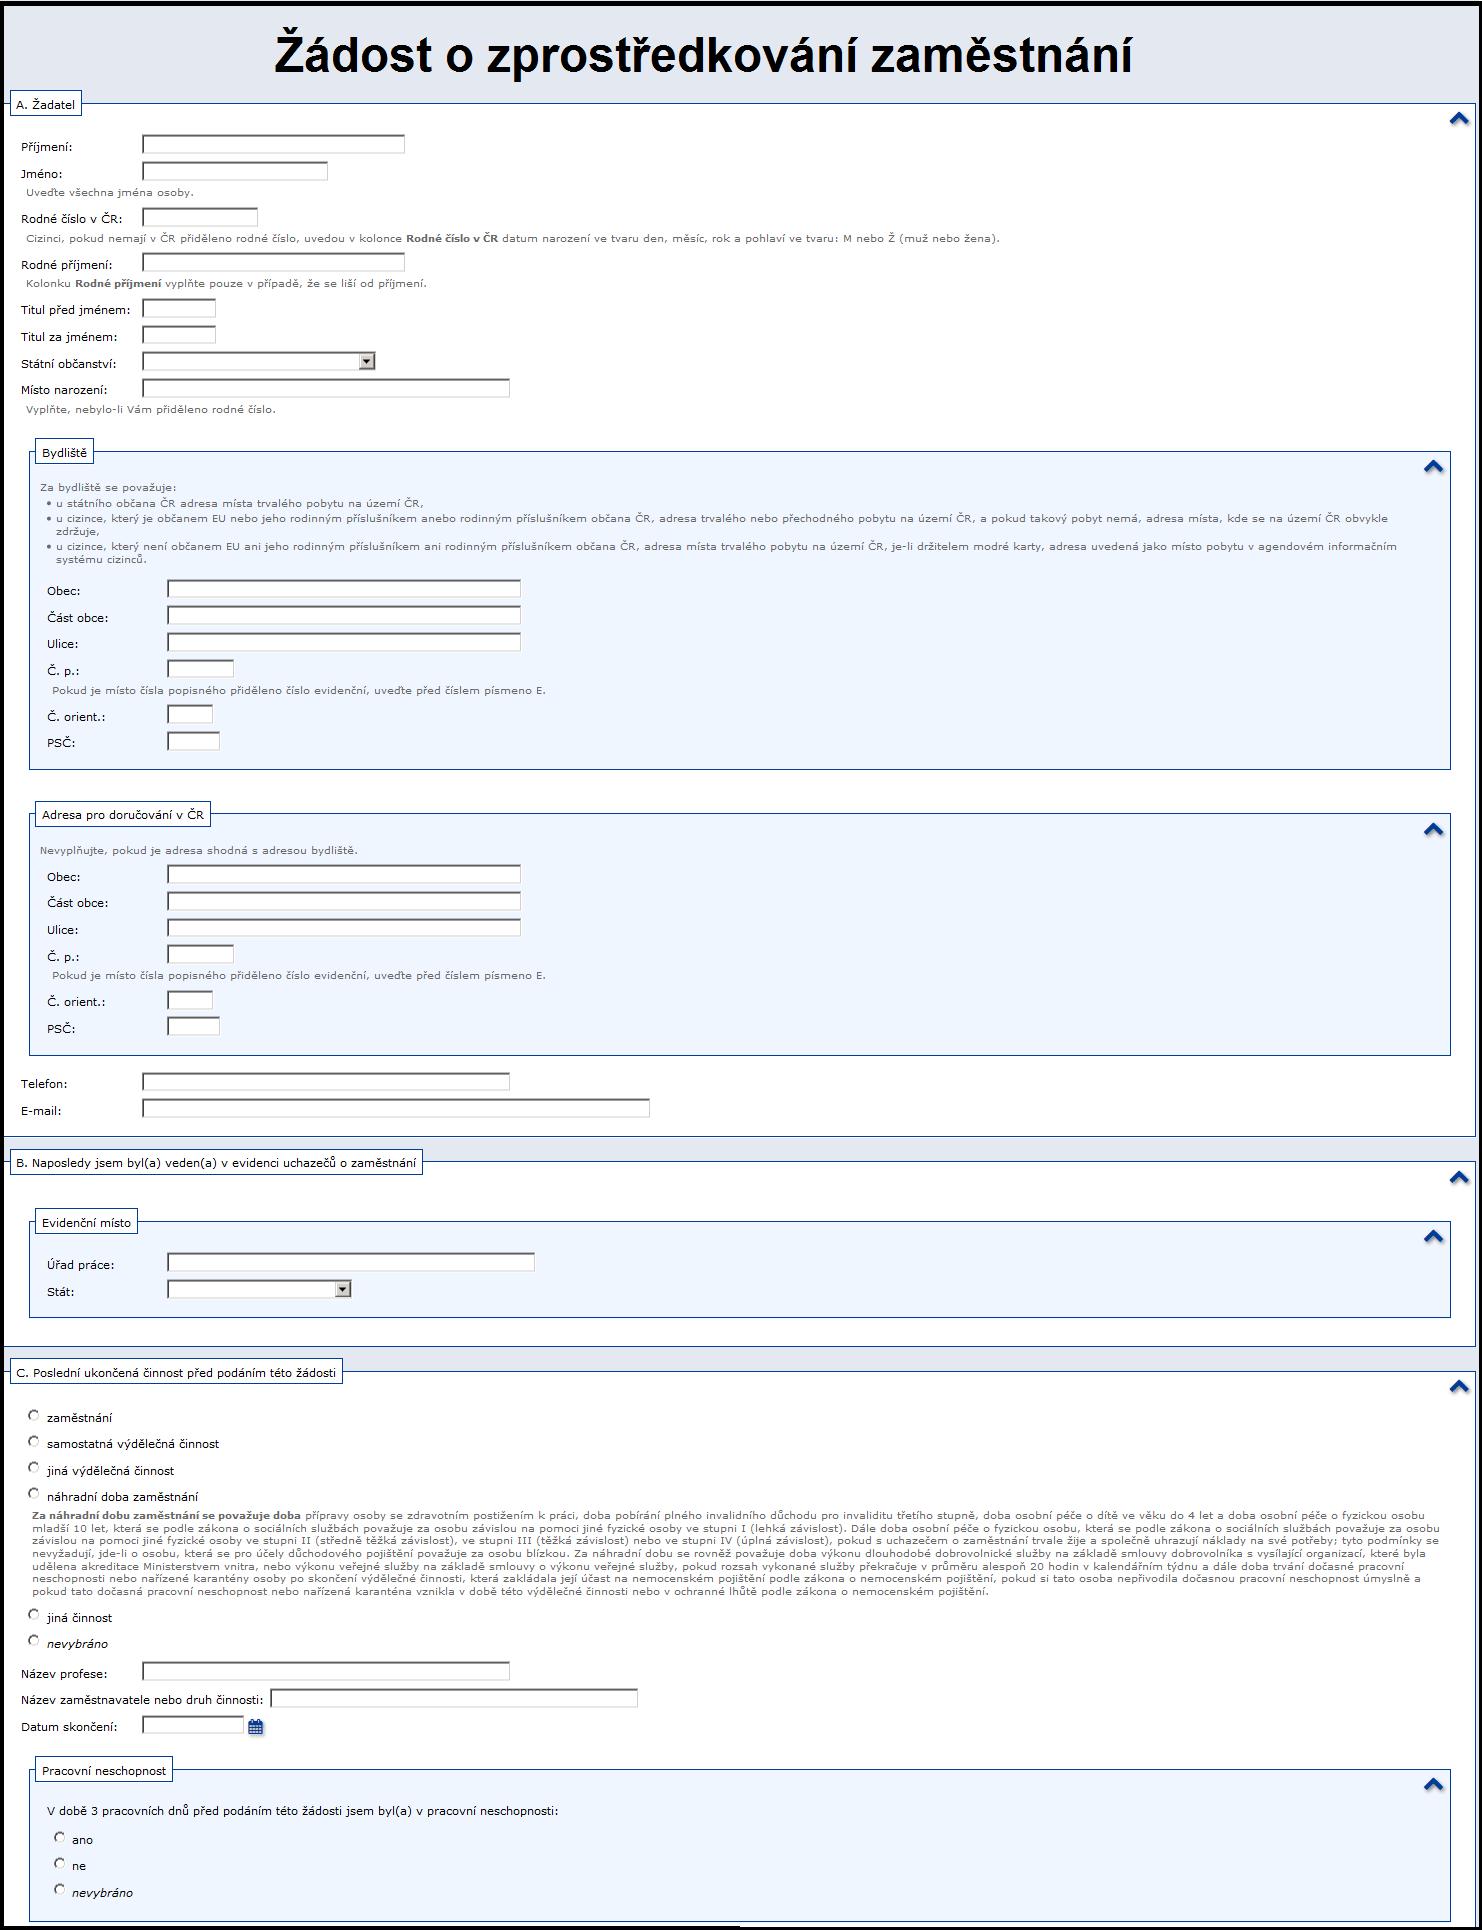 Žádost o zprostředkování zaměstnání